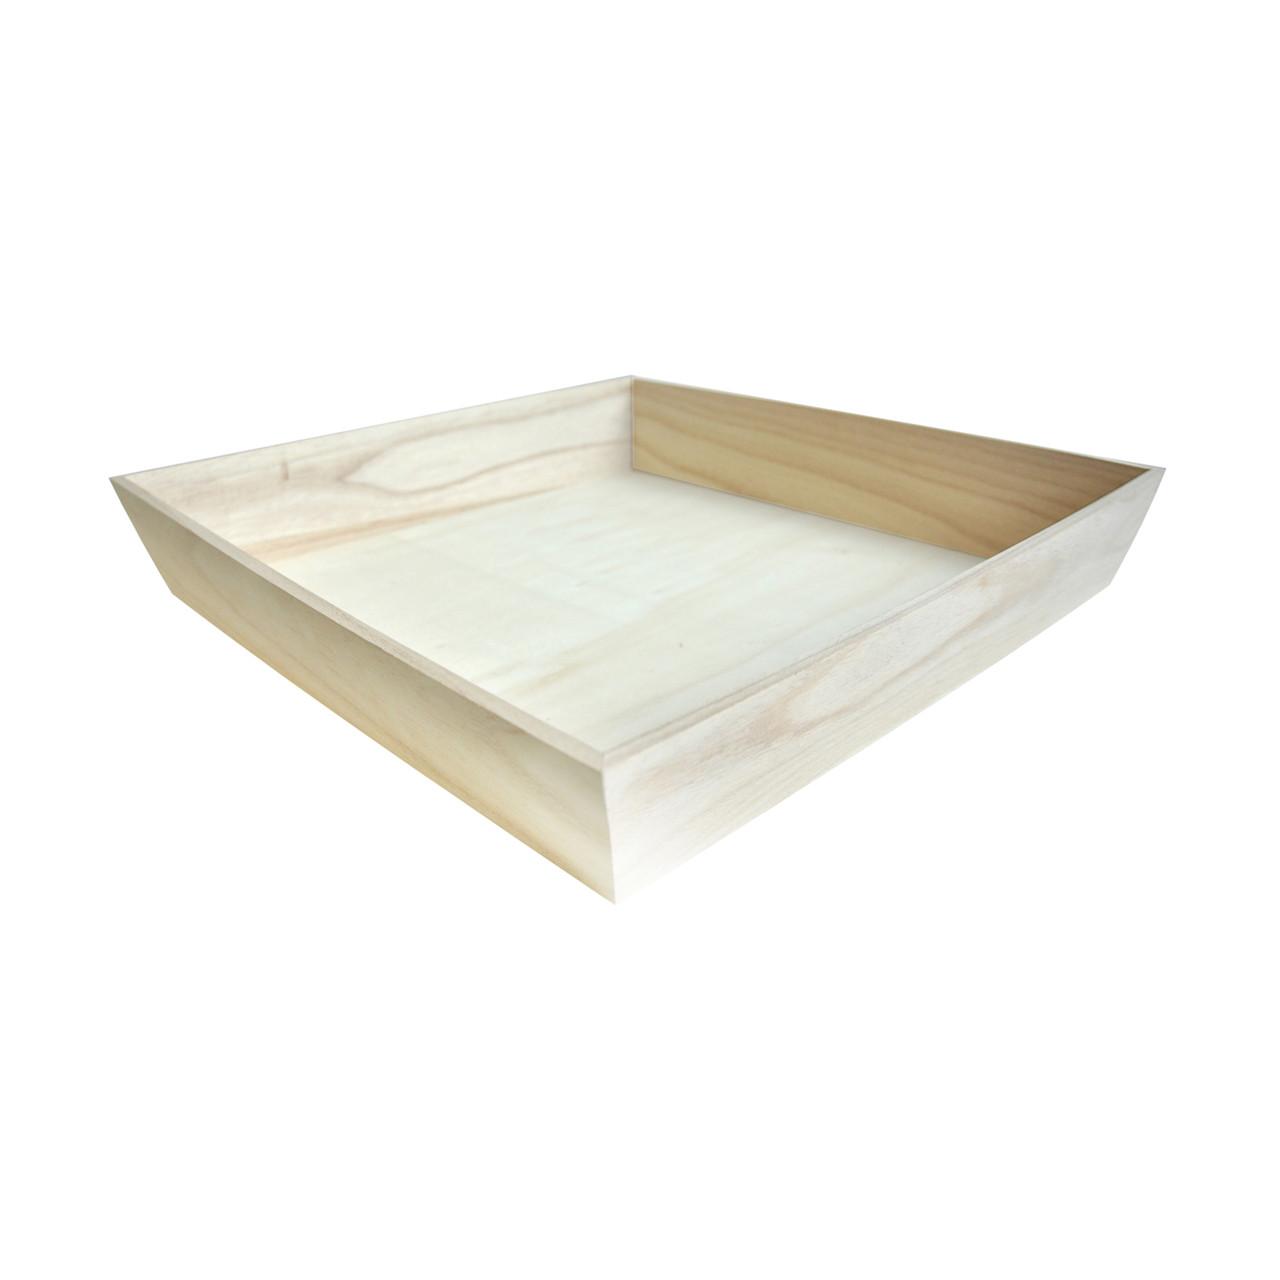 NOAH4040H Heavy Duty Wooden Tray - L:15.9 x W:15.9 x H:2.8in